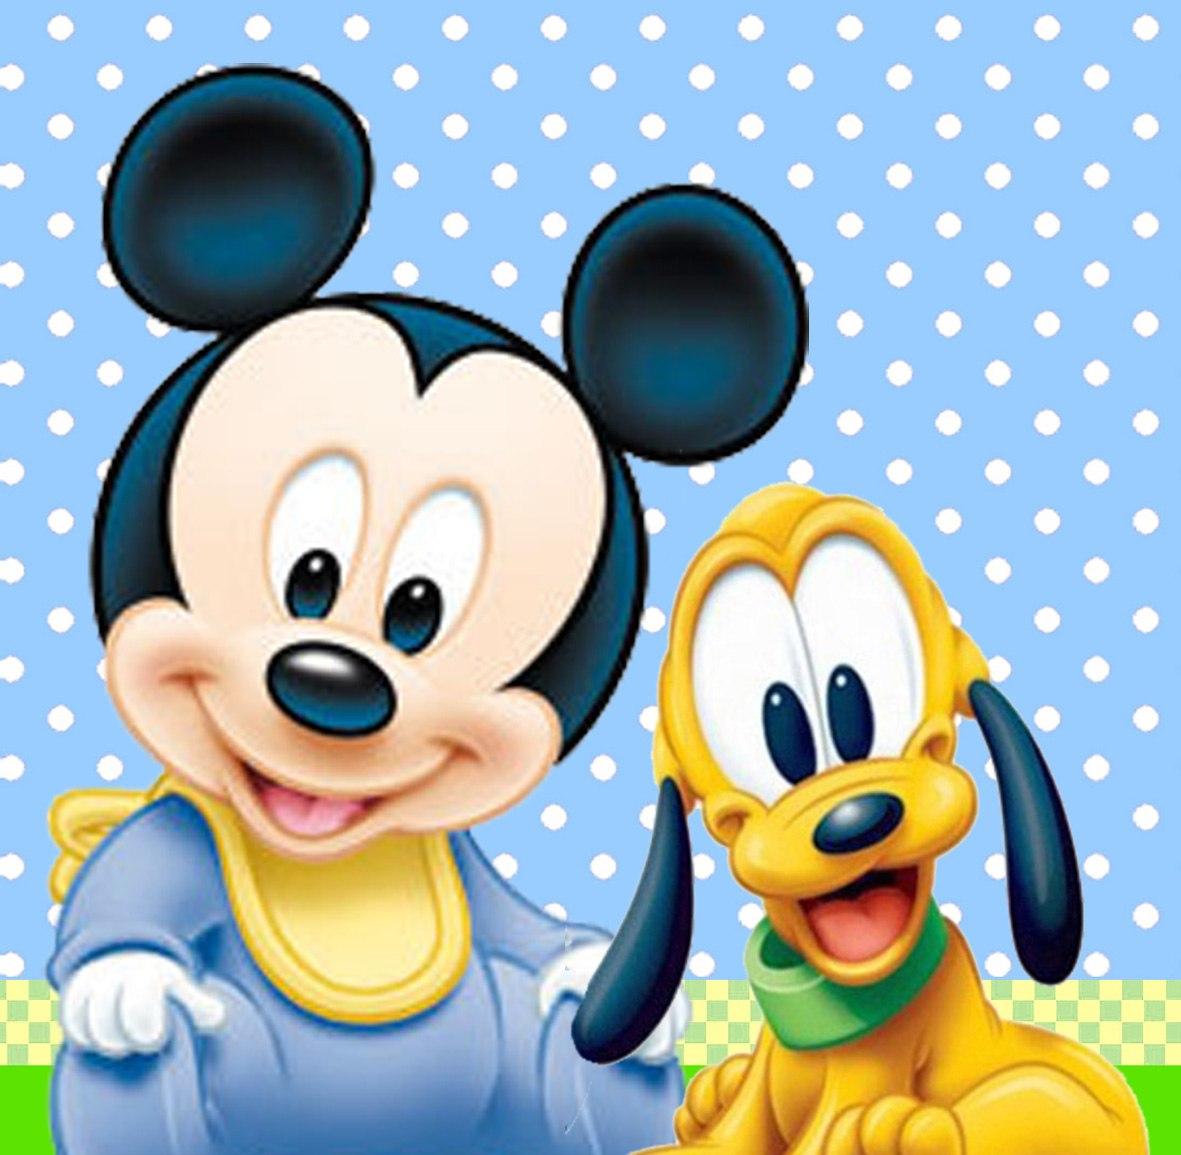 Los Tantos Famosos Capitulos De Mickey Mouse Este Personaje De Disney